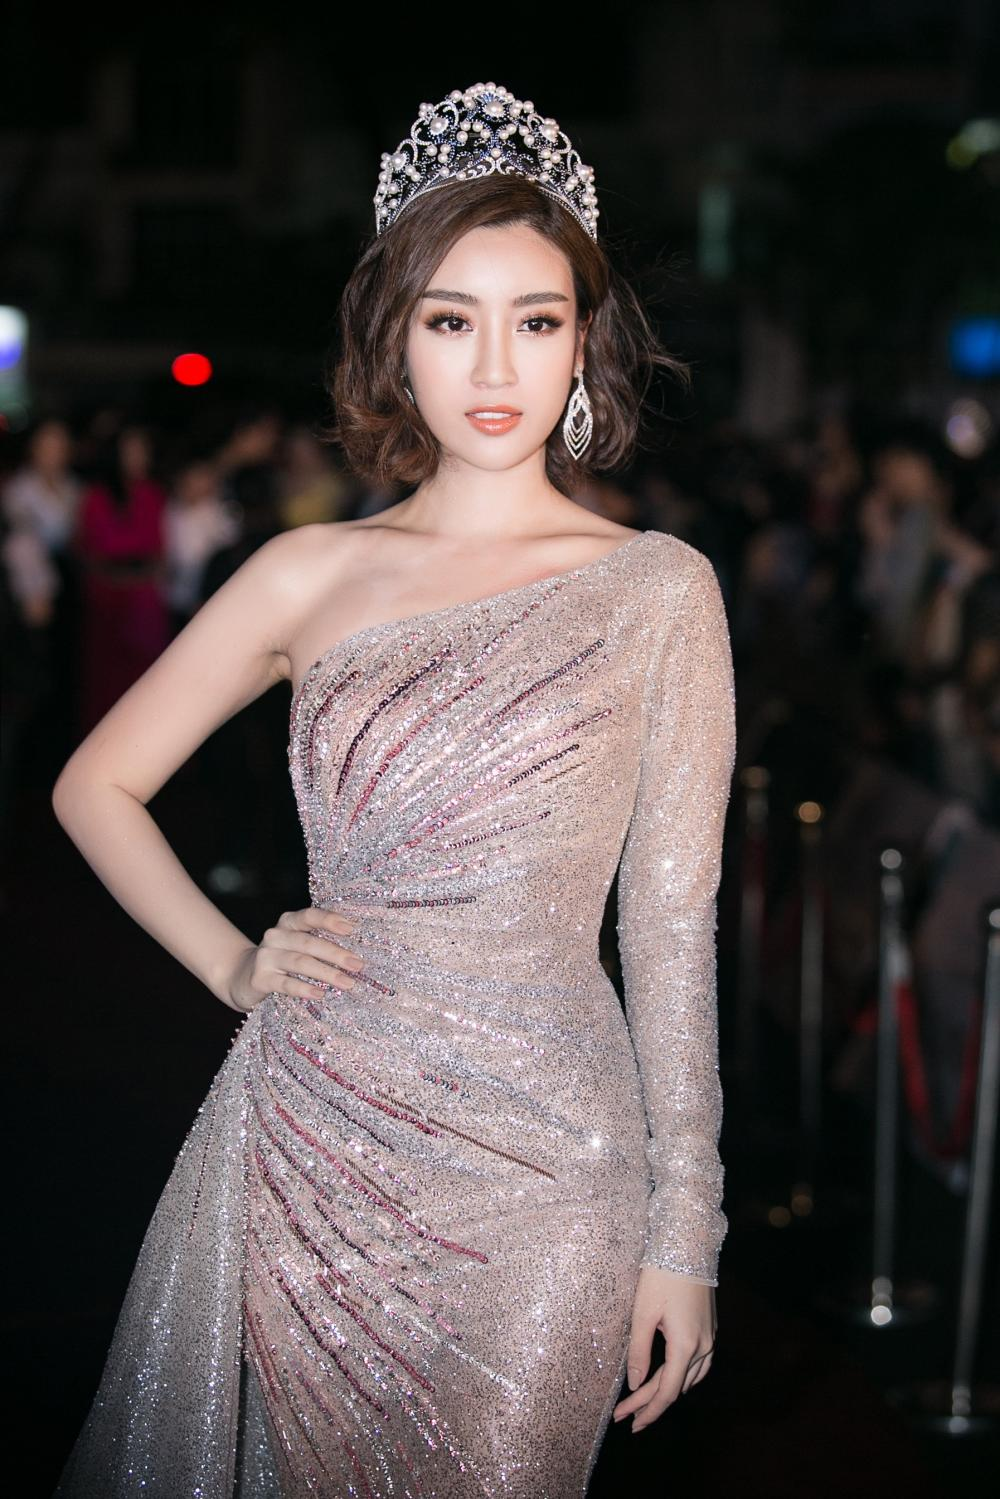 ... Và Hoa hậu Việt Nam 2016 Đỗ Mỹ Linh xuất hiện trong đêm Chung kết.